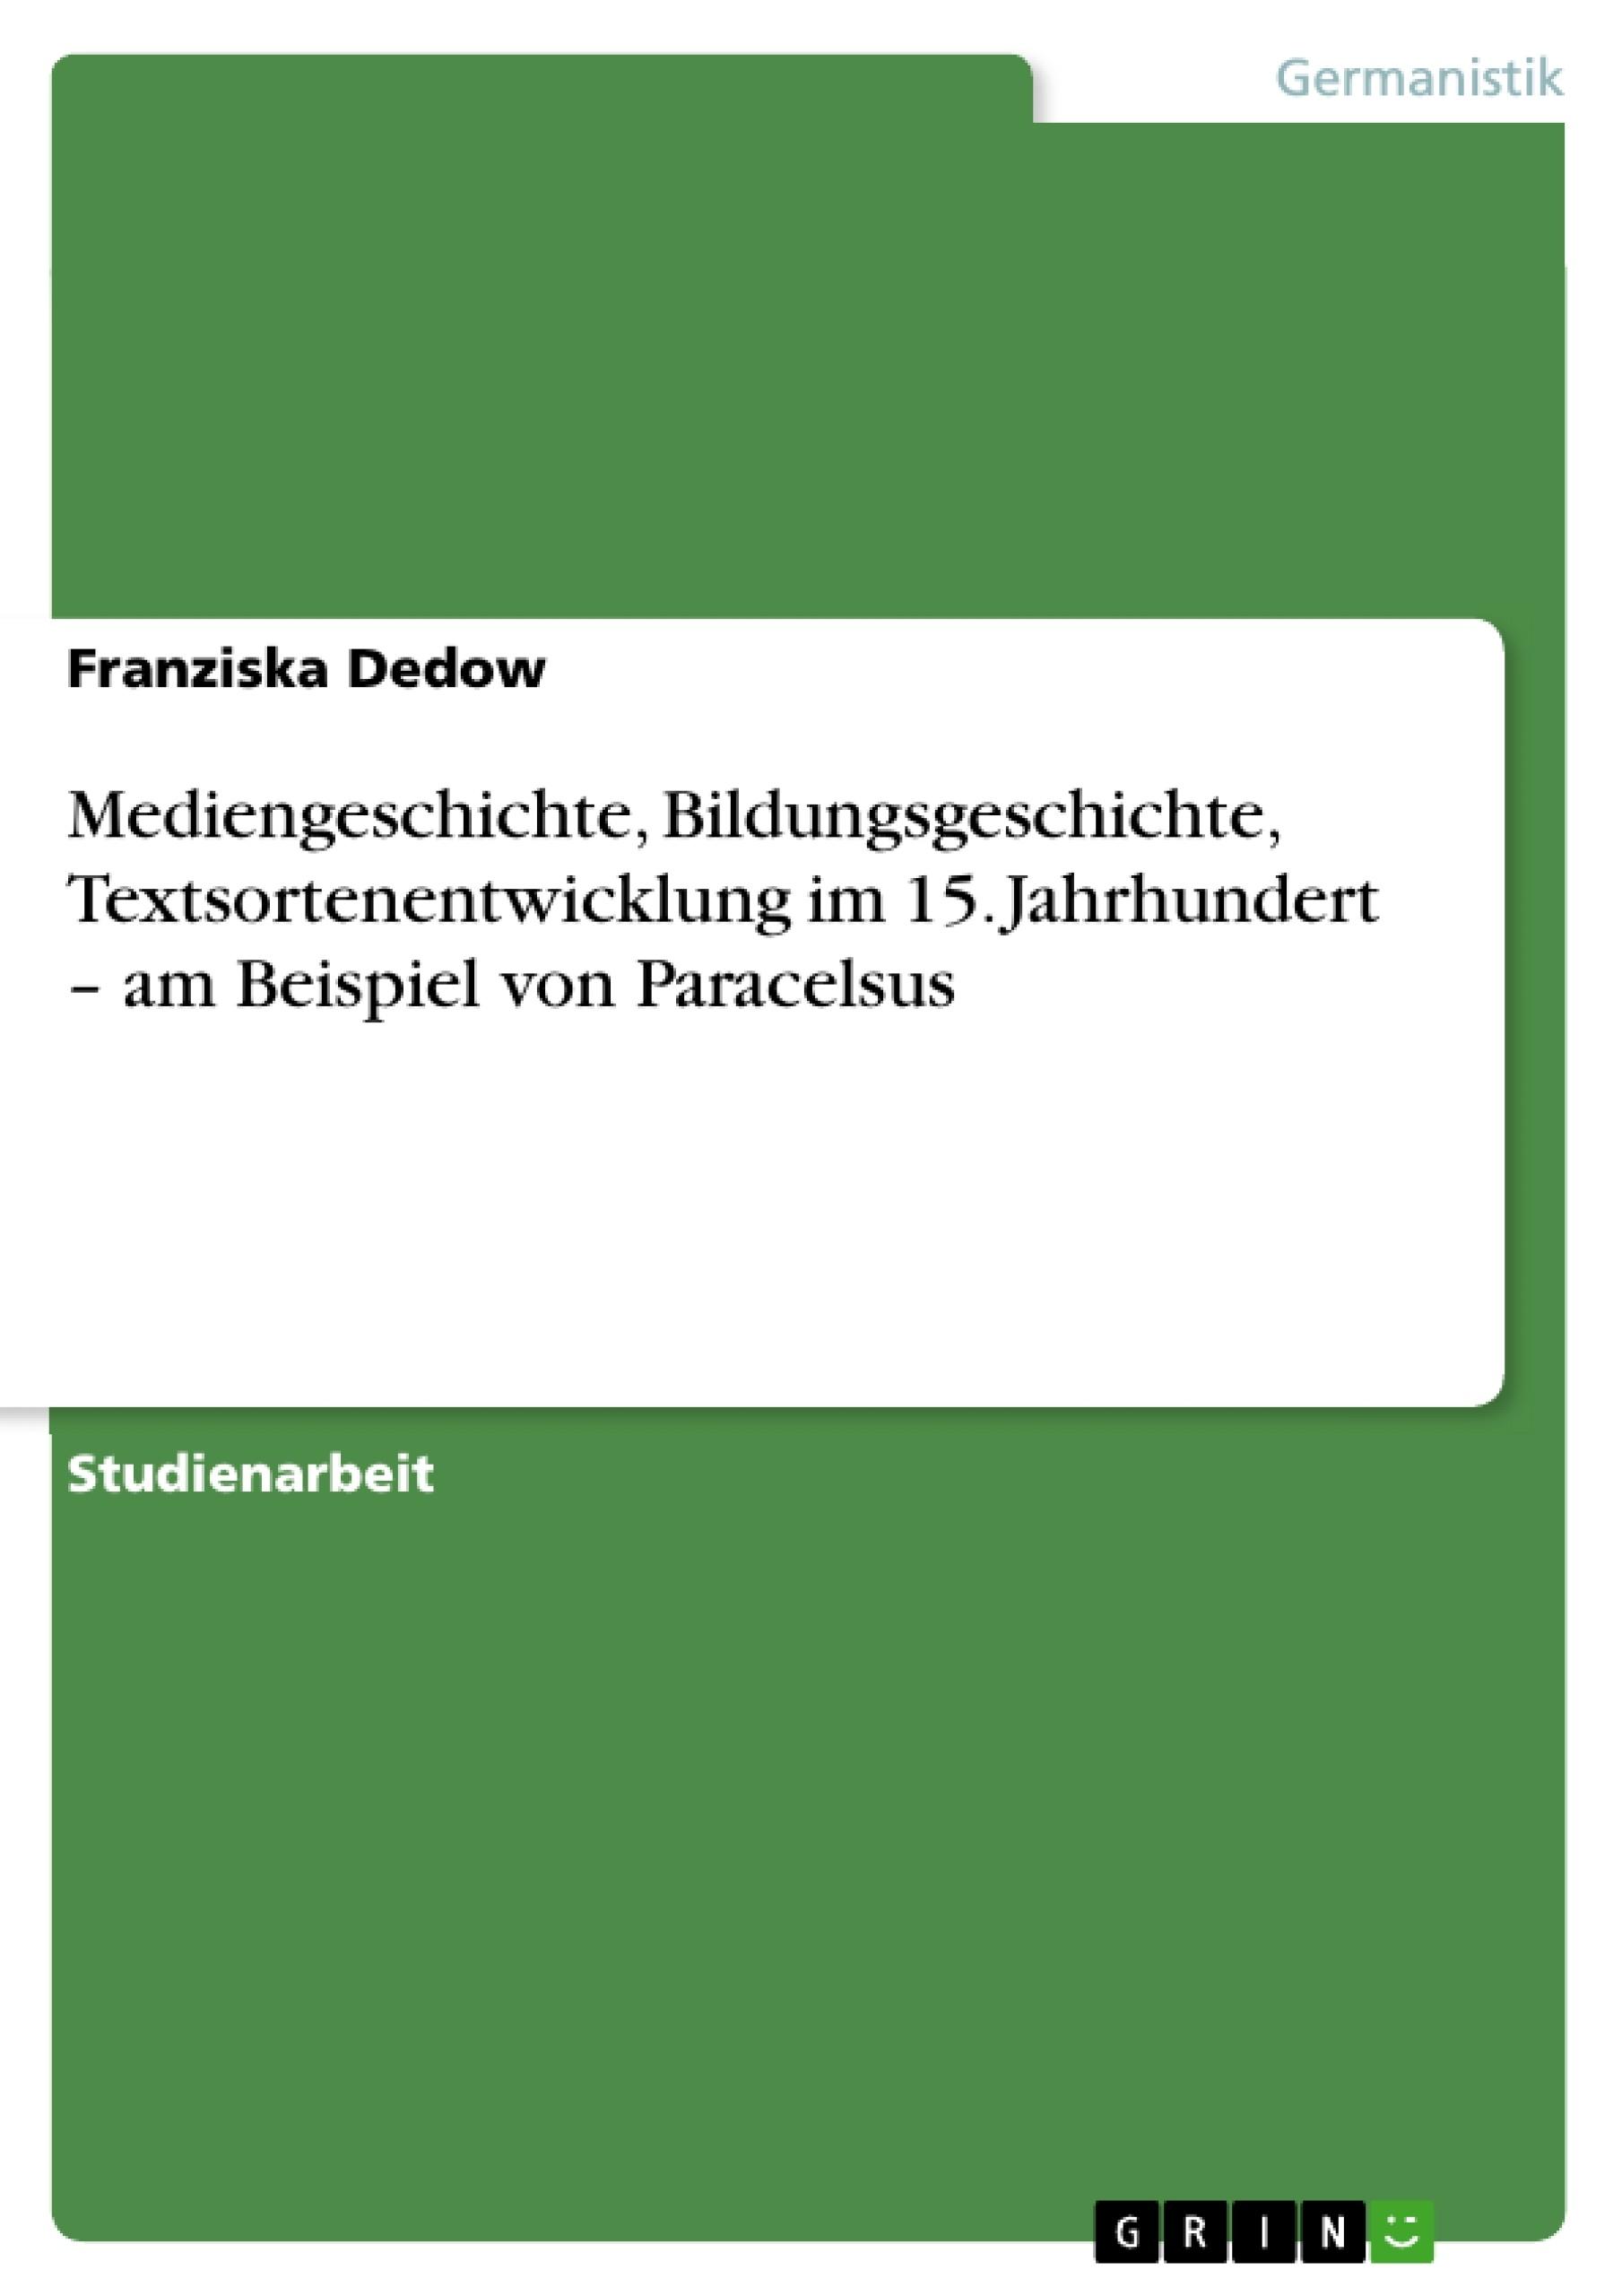 Titel: Mediengeschichte, Bildungsgeschichte, Textsortenentwicklung  im 15. Jahrhundert – am Beispiel von Paracelsus